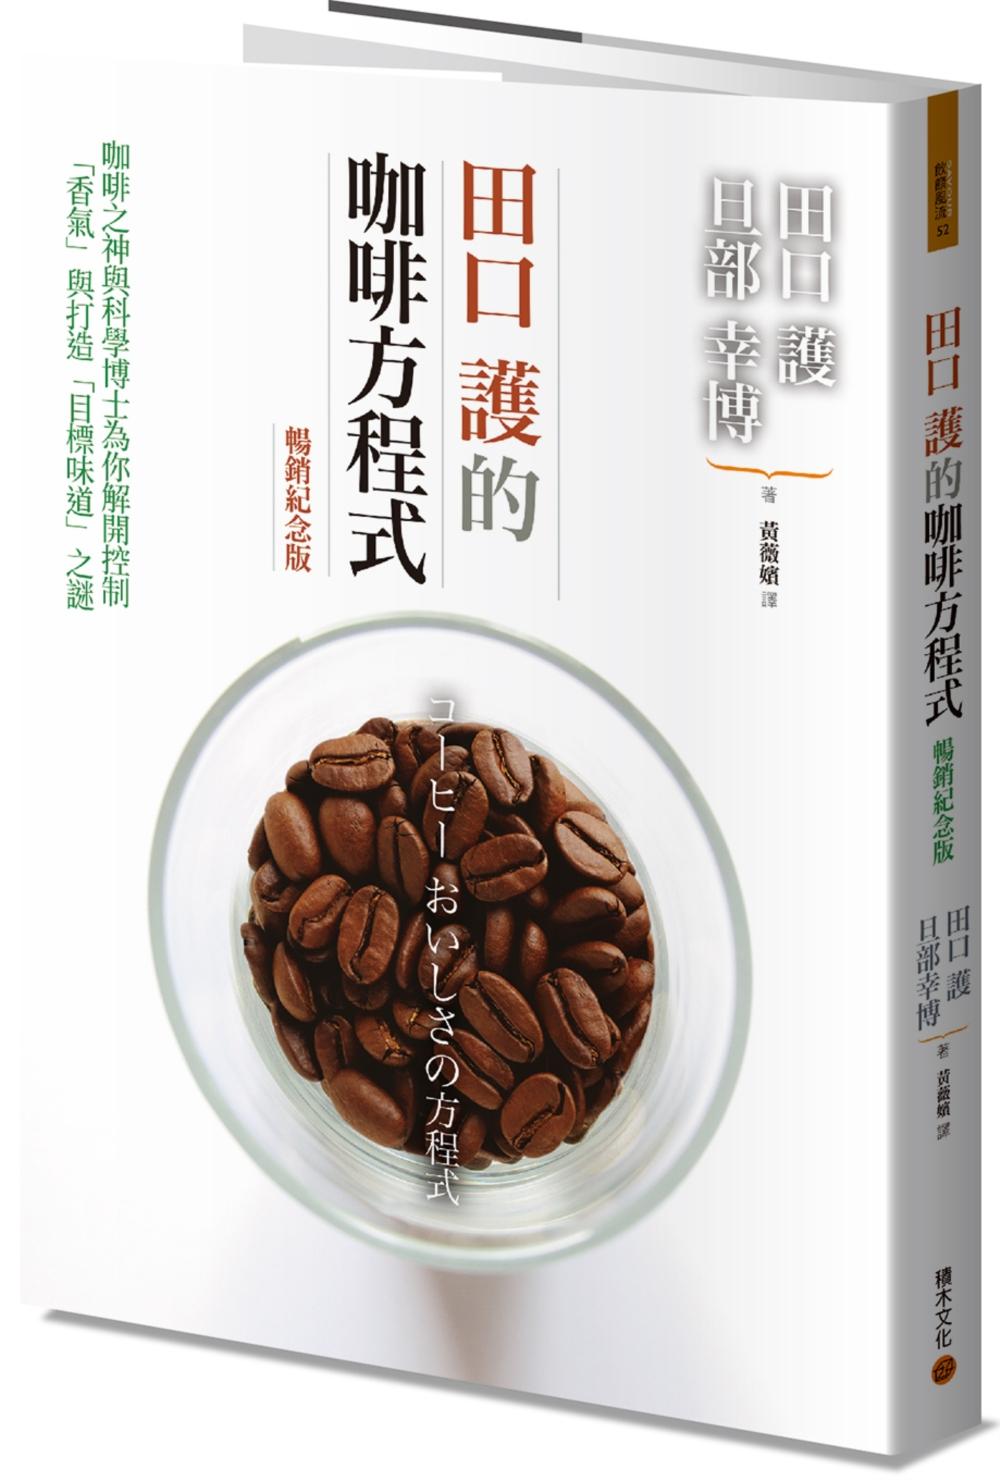 田口護的咖啡方程式:咖啡之神與科學博士為你解開控制「香氣」與打造「目標味道」之謎(暢銷紀念版)